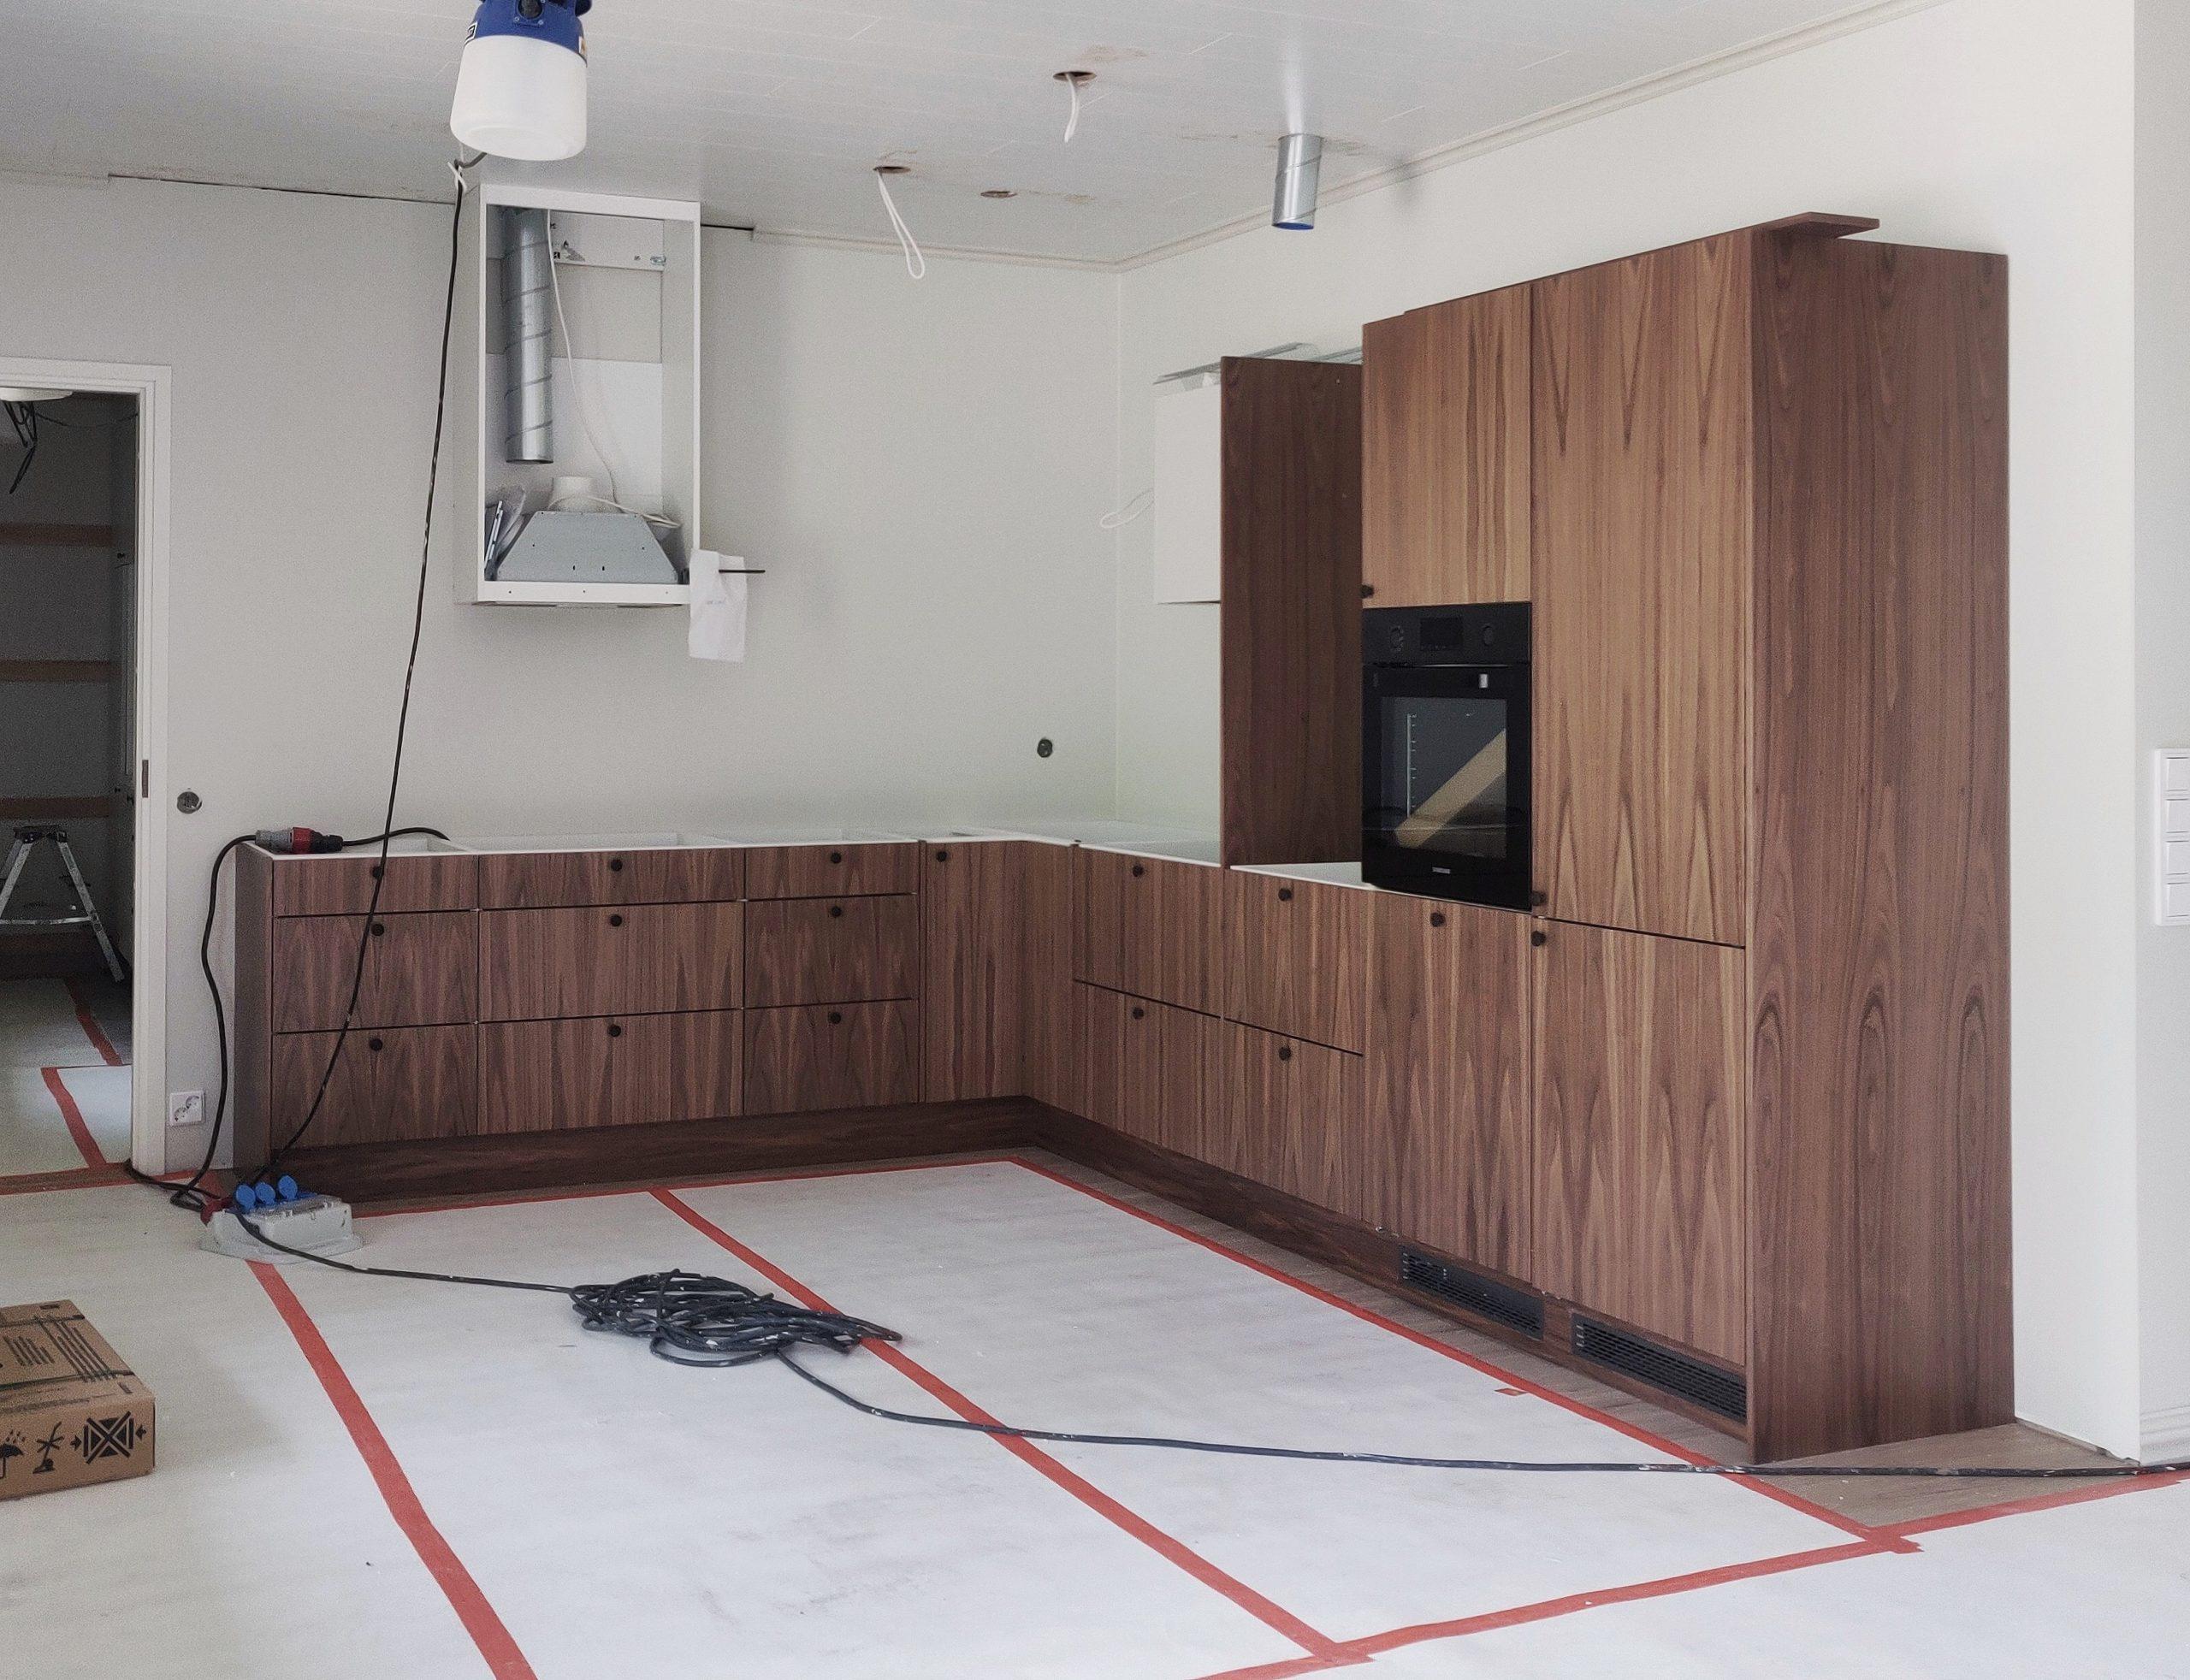 Uusi koti – omakotitalosta paritaloon